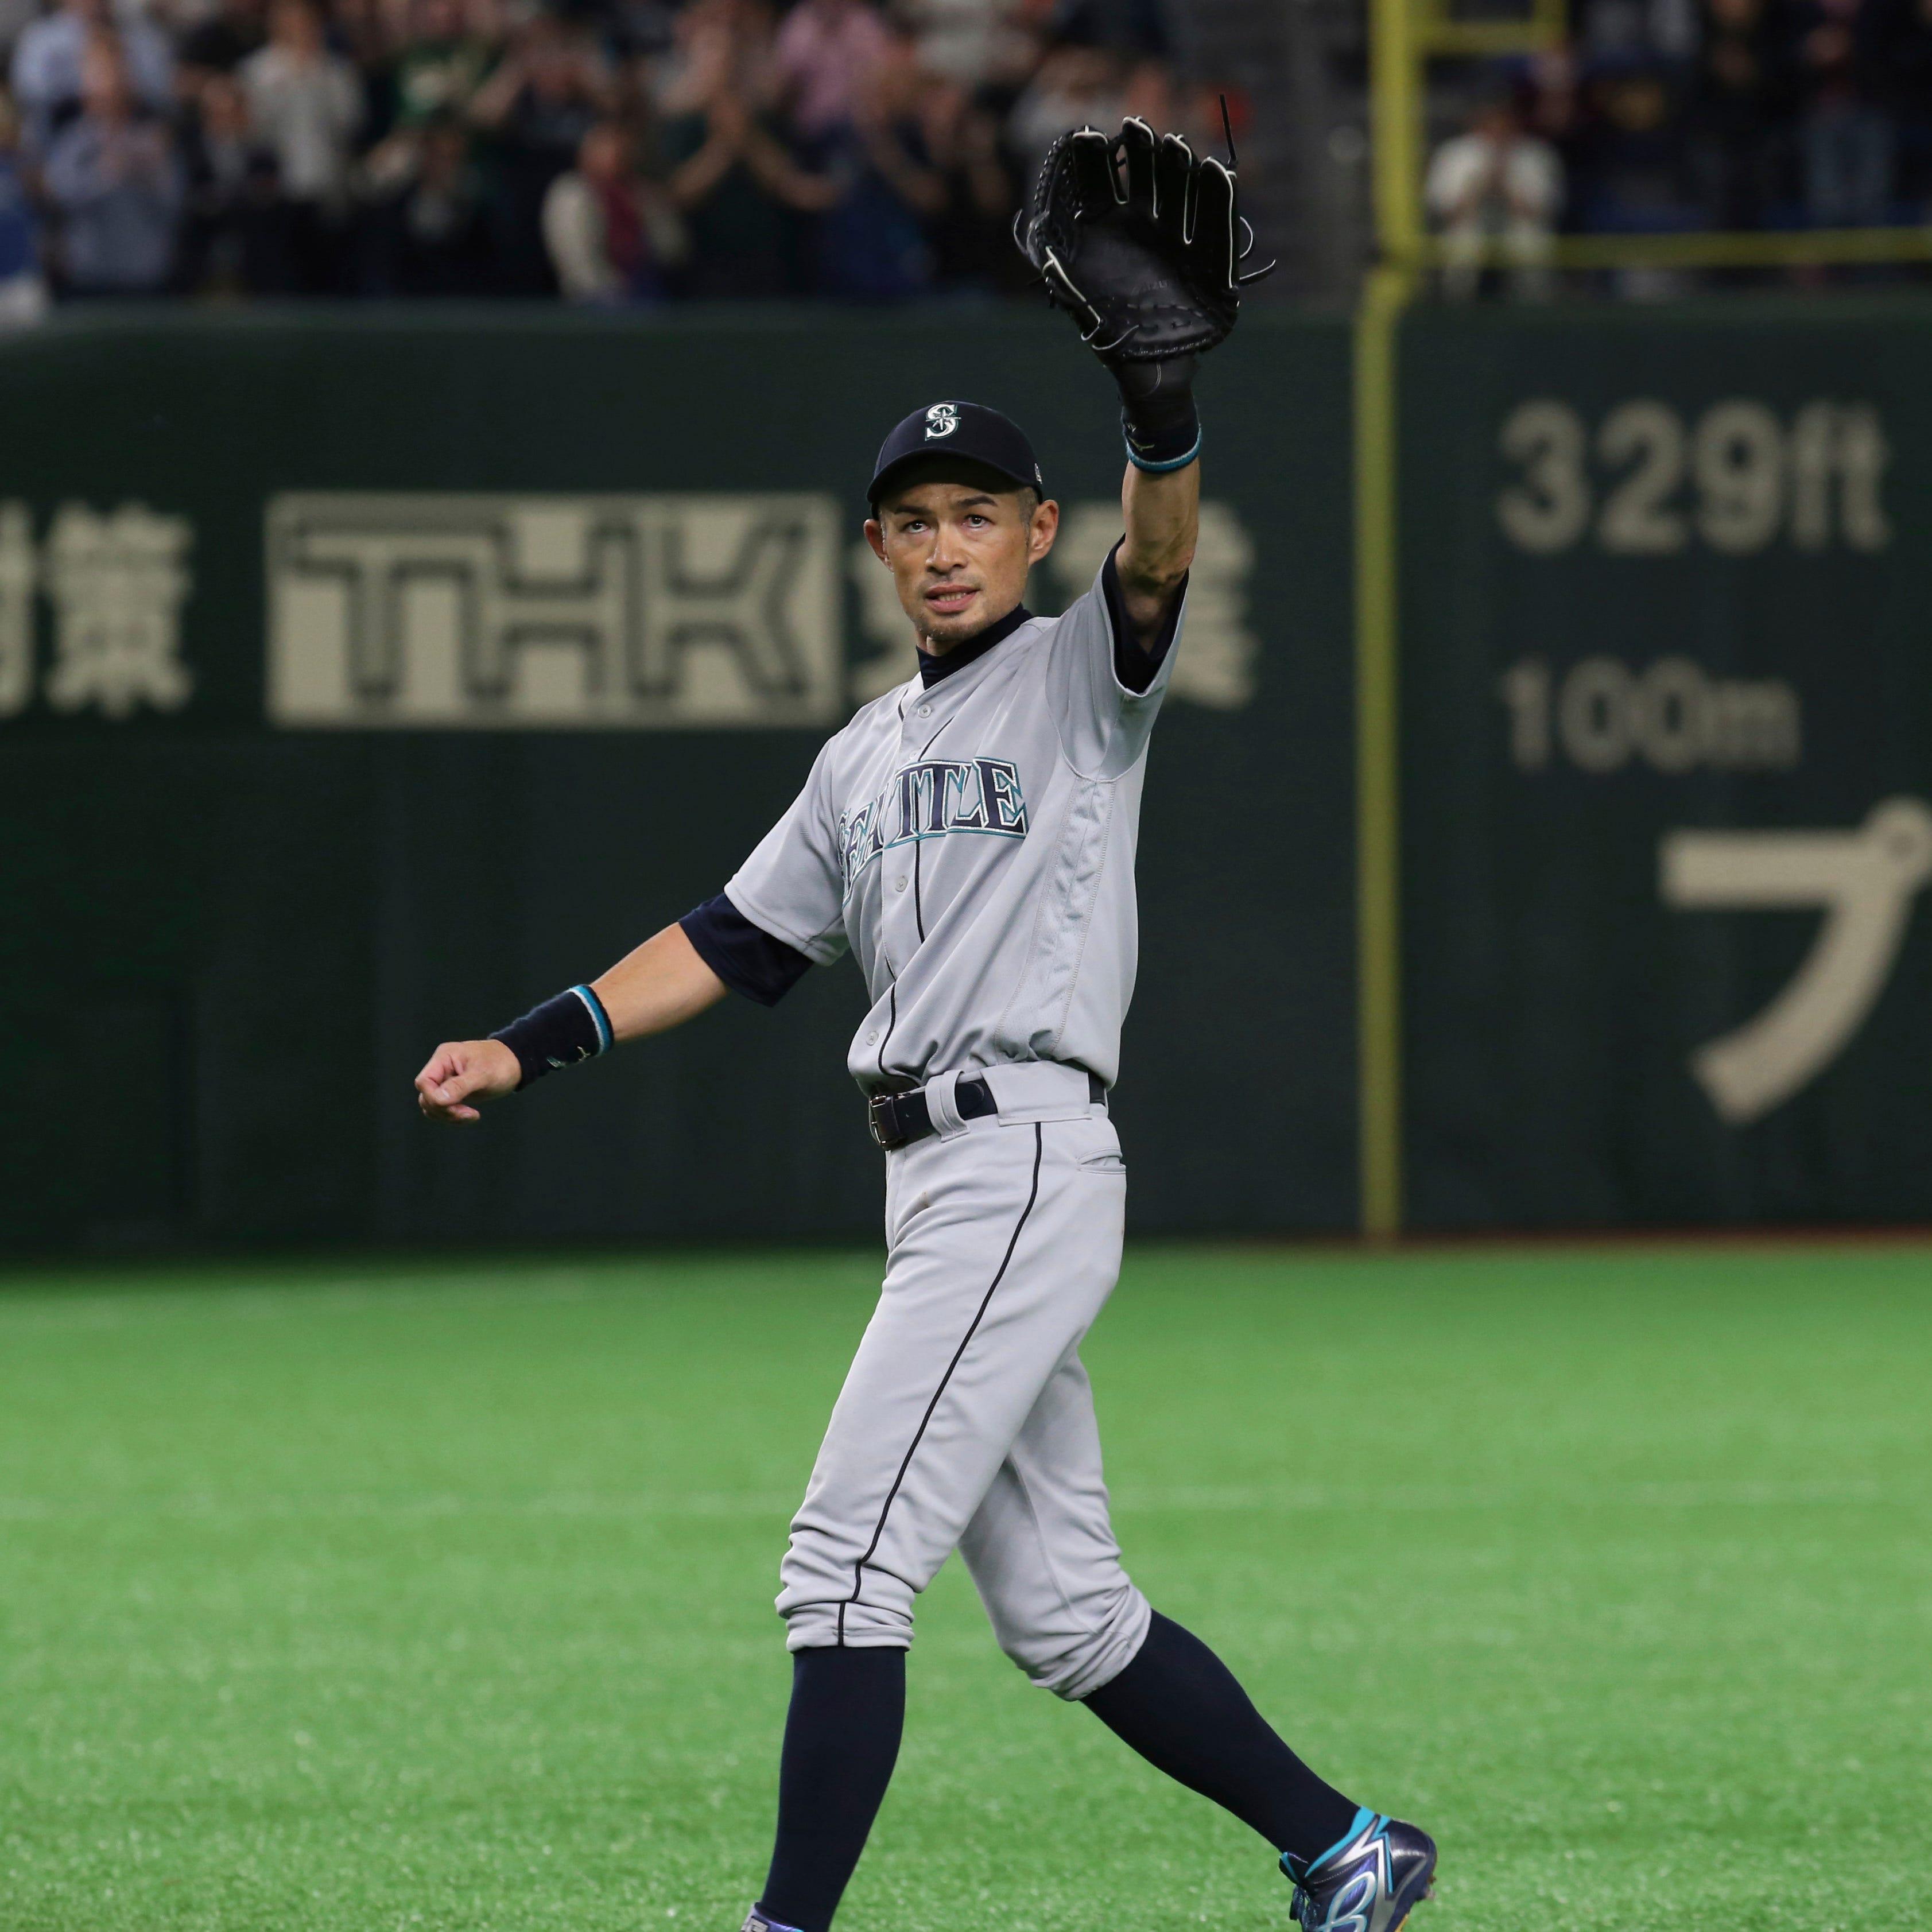 Watch: In Tokyo, retiring Ichiro Suzuki leaves field for final time